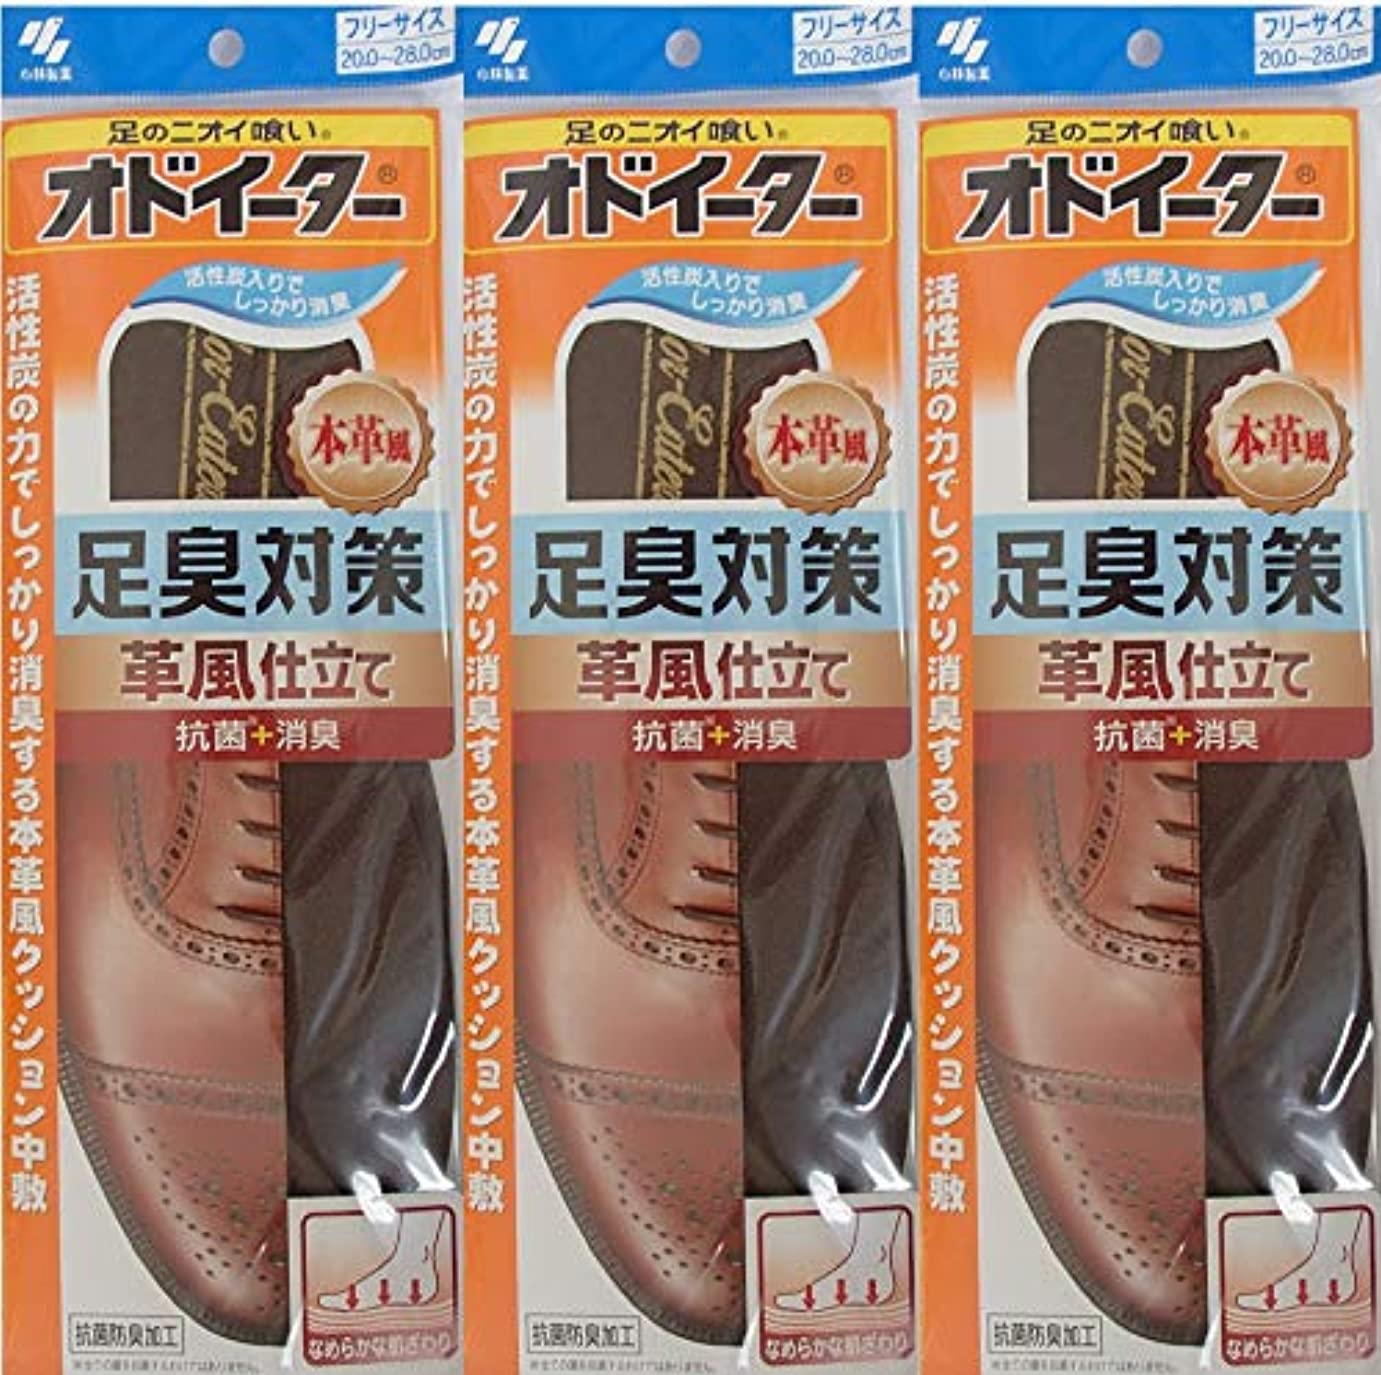 孤独なアーティストドナーオドイーター 足臭対策 革風仕立て インソール フリーサイズ20cm~28cm 3足セット